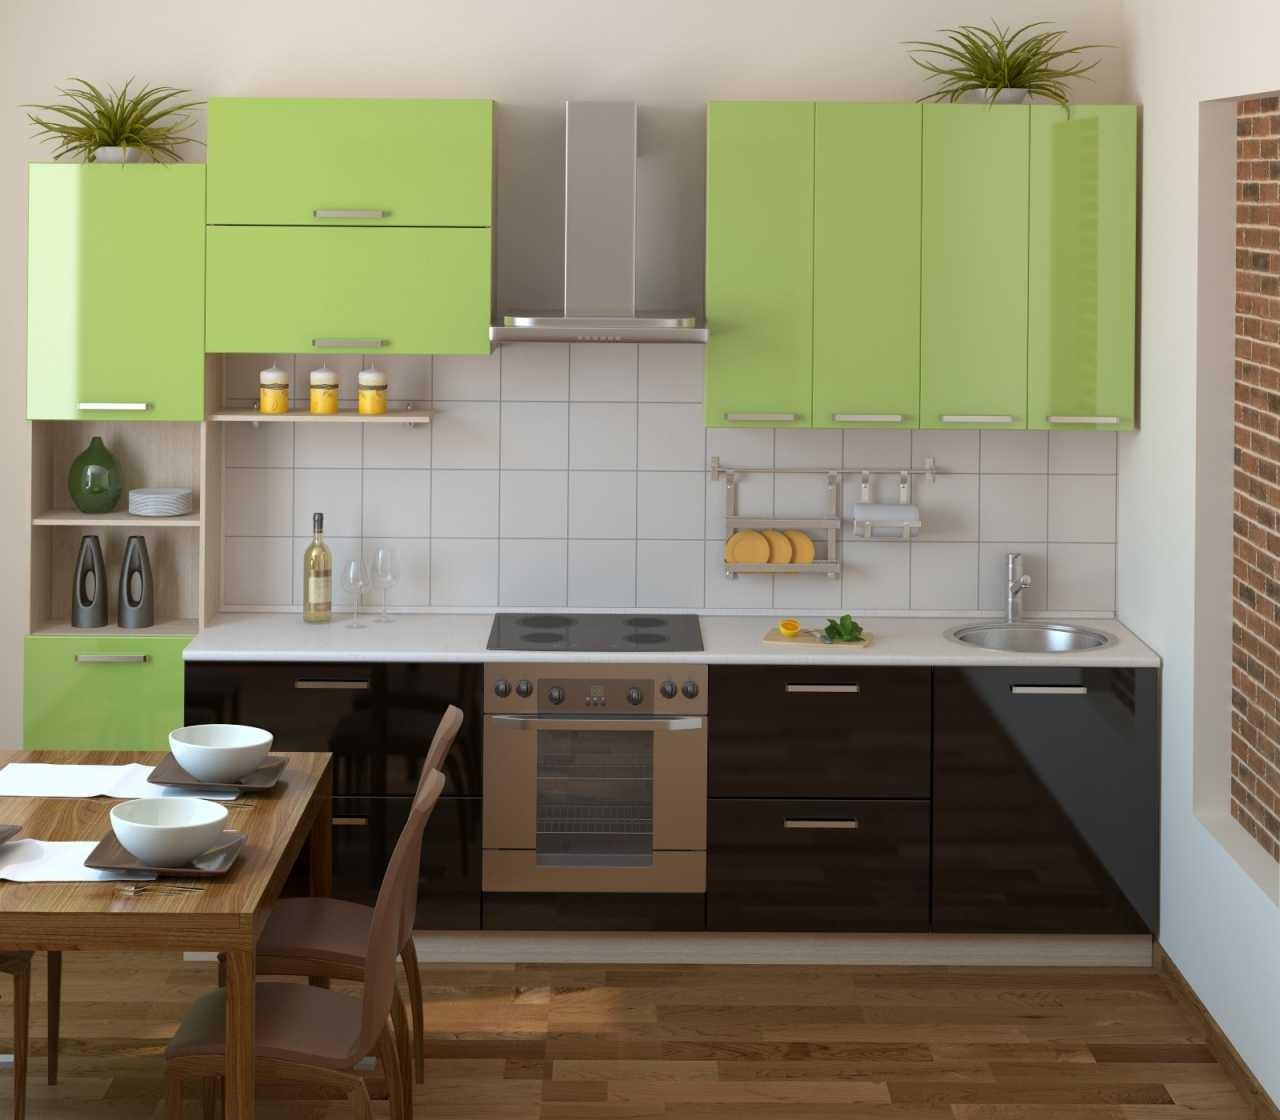 Кухня с оливковыми акцентами в интерьере